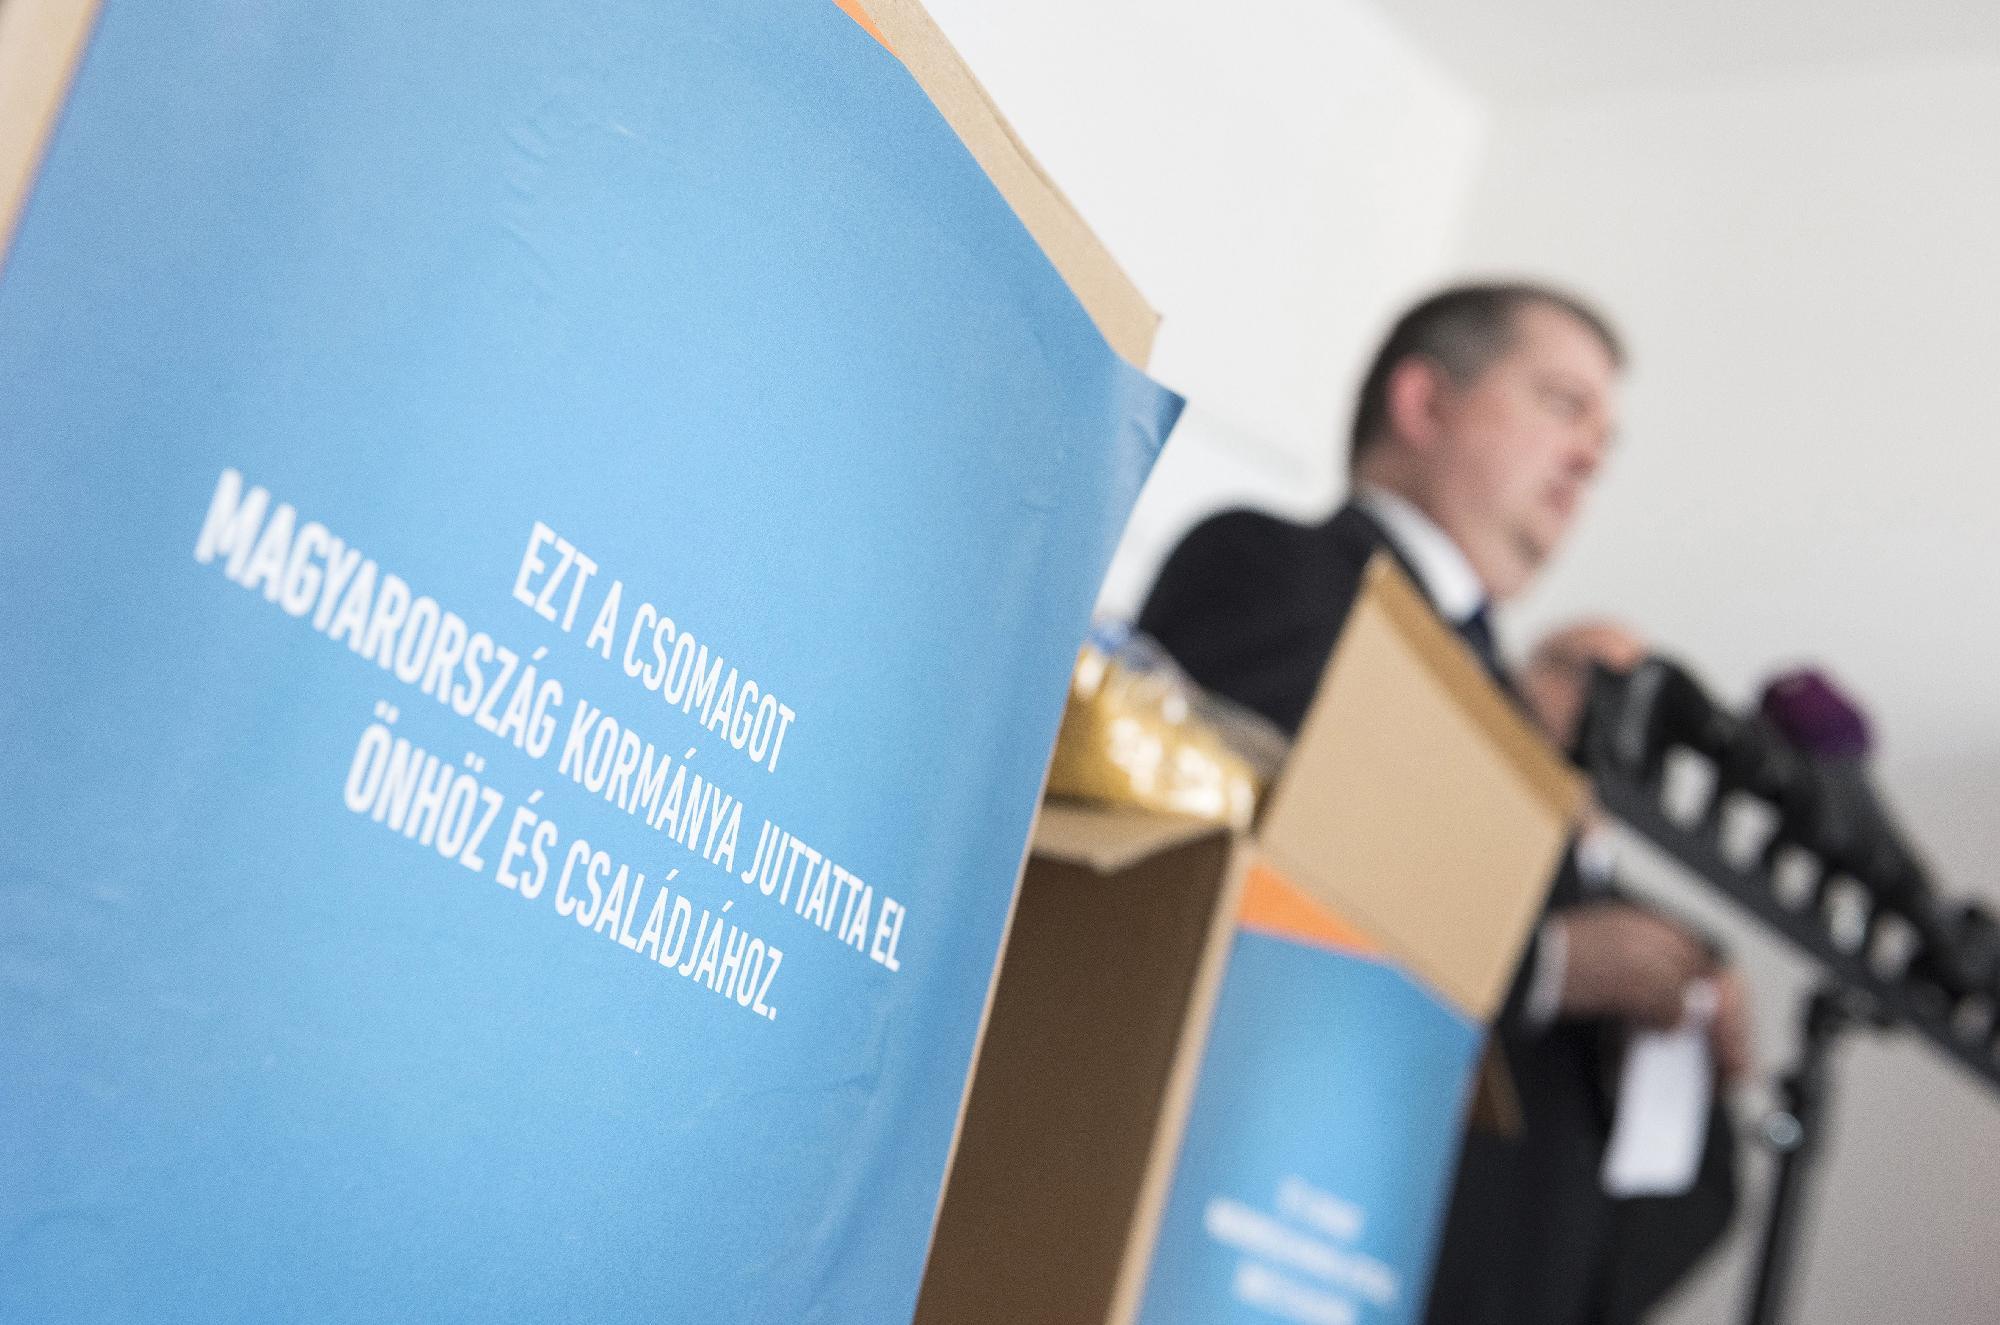 Egyetlen ajánlatból választották ki azt, aki 17,4 milliárdért szállíthat segélycsomagokat éhező magyaroknak